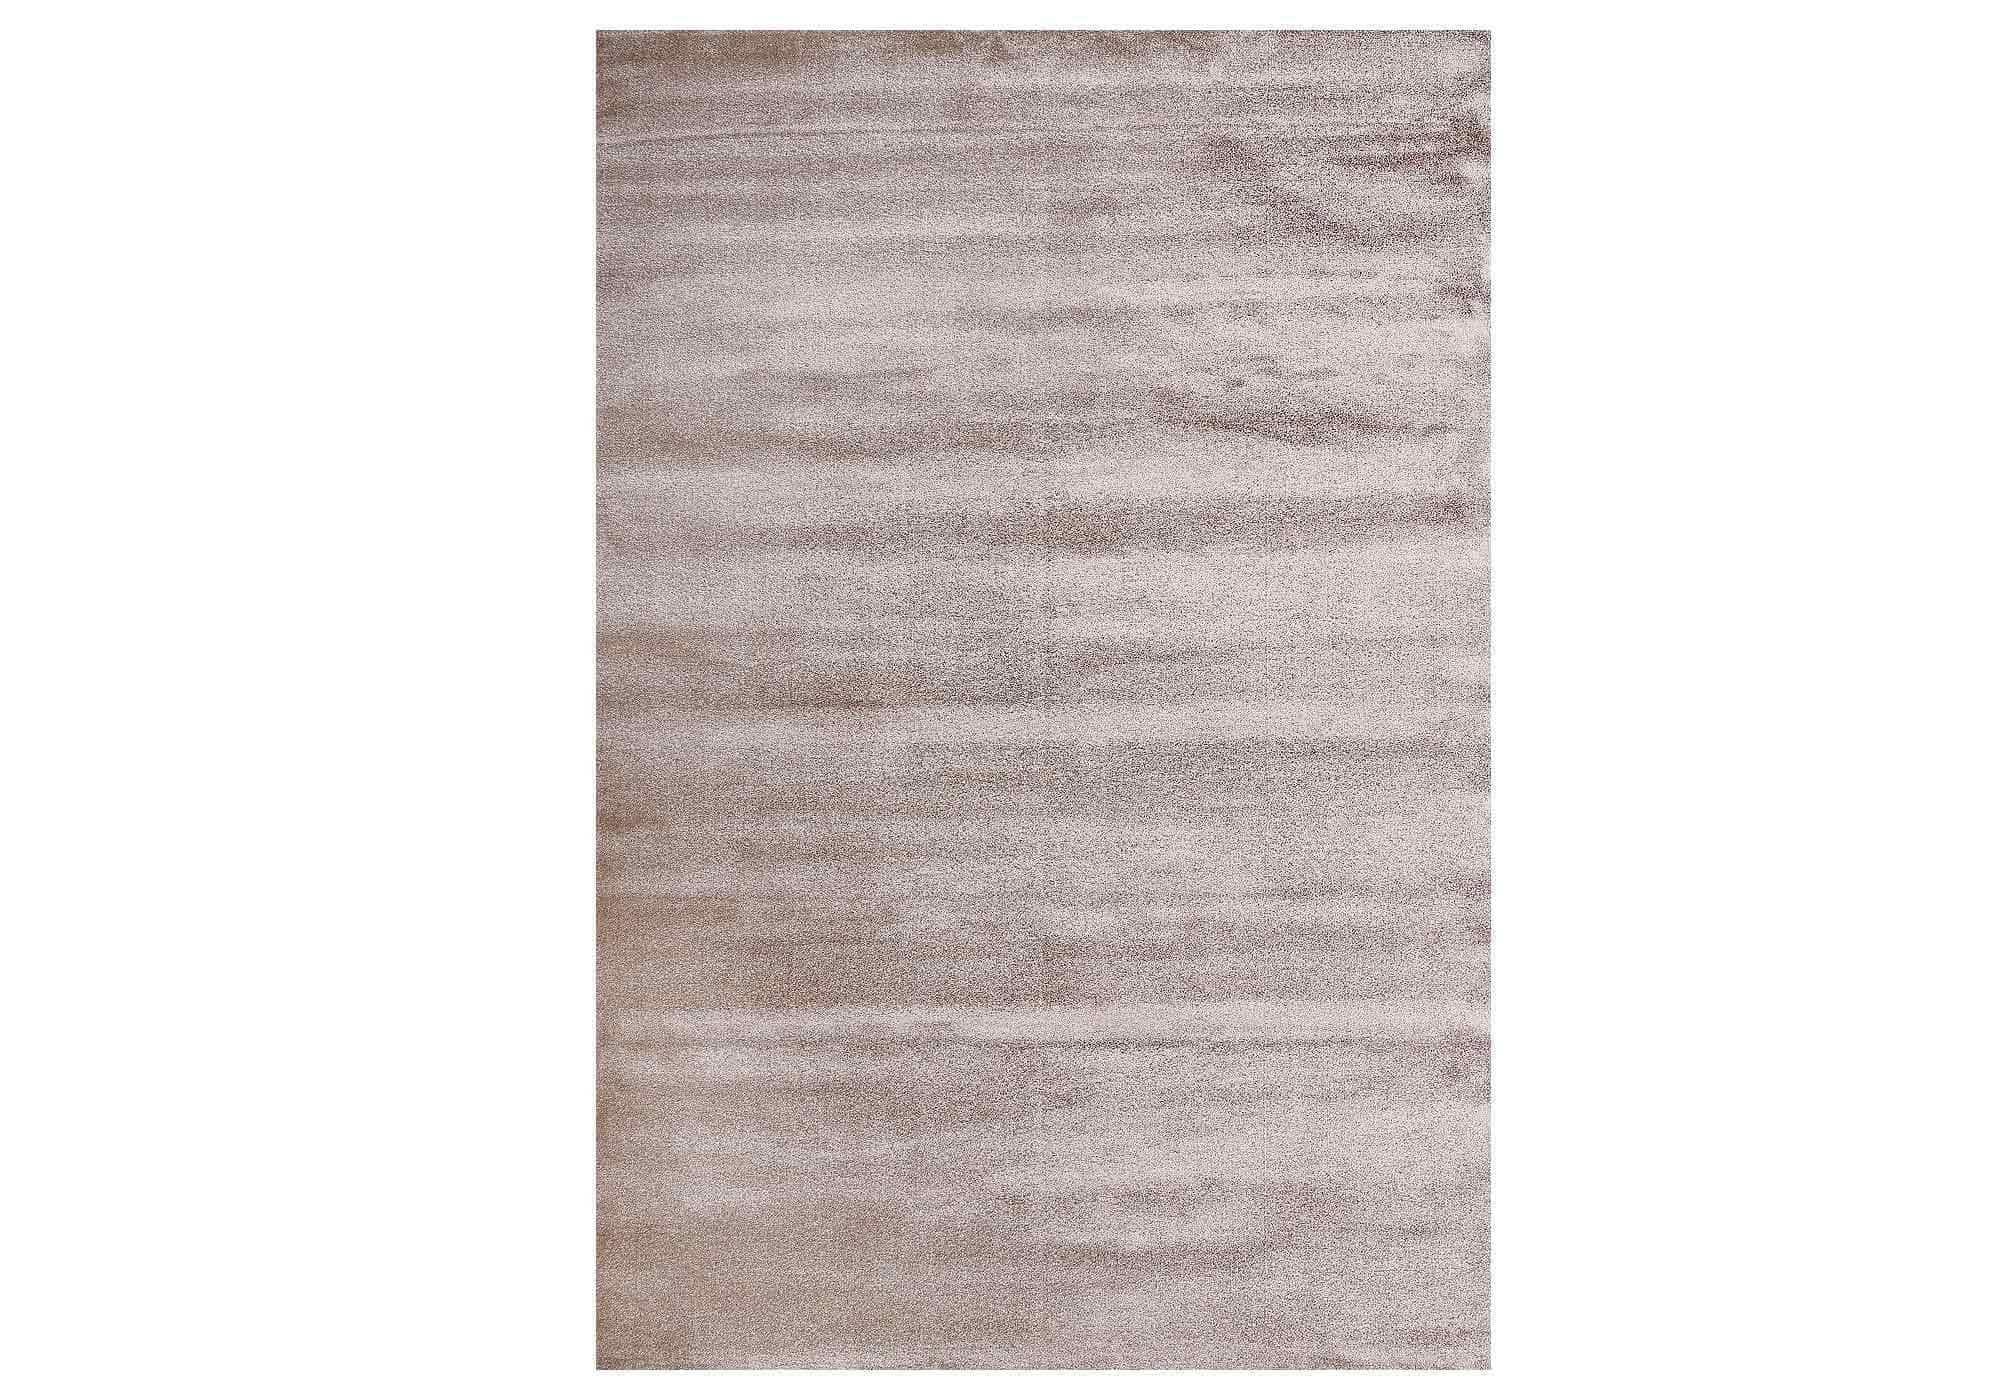 Teppich 160 cm x 230 cm - beige - rechteckig - Enjoy 800